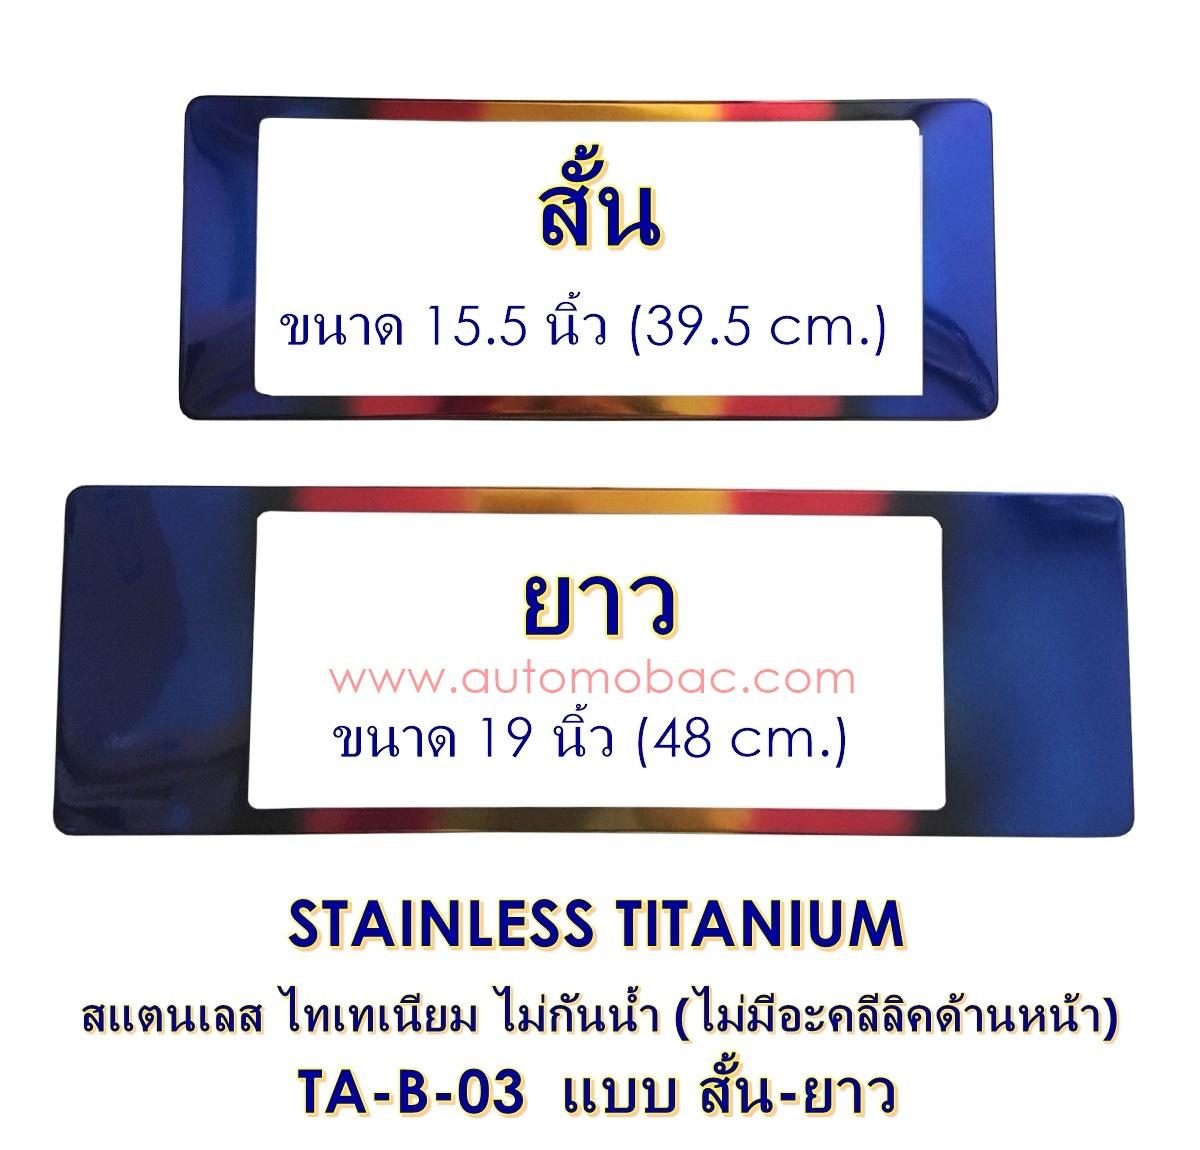 STAINLESS TITANIUM กรอบป้าย ไม่กันน้ำ TA-B-03 SL แบบสั้นยาว 2 ชิ้น สแตนเลส ไทเทเนียม สวยไม่ซ้ำใคร